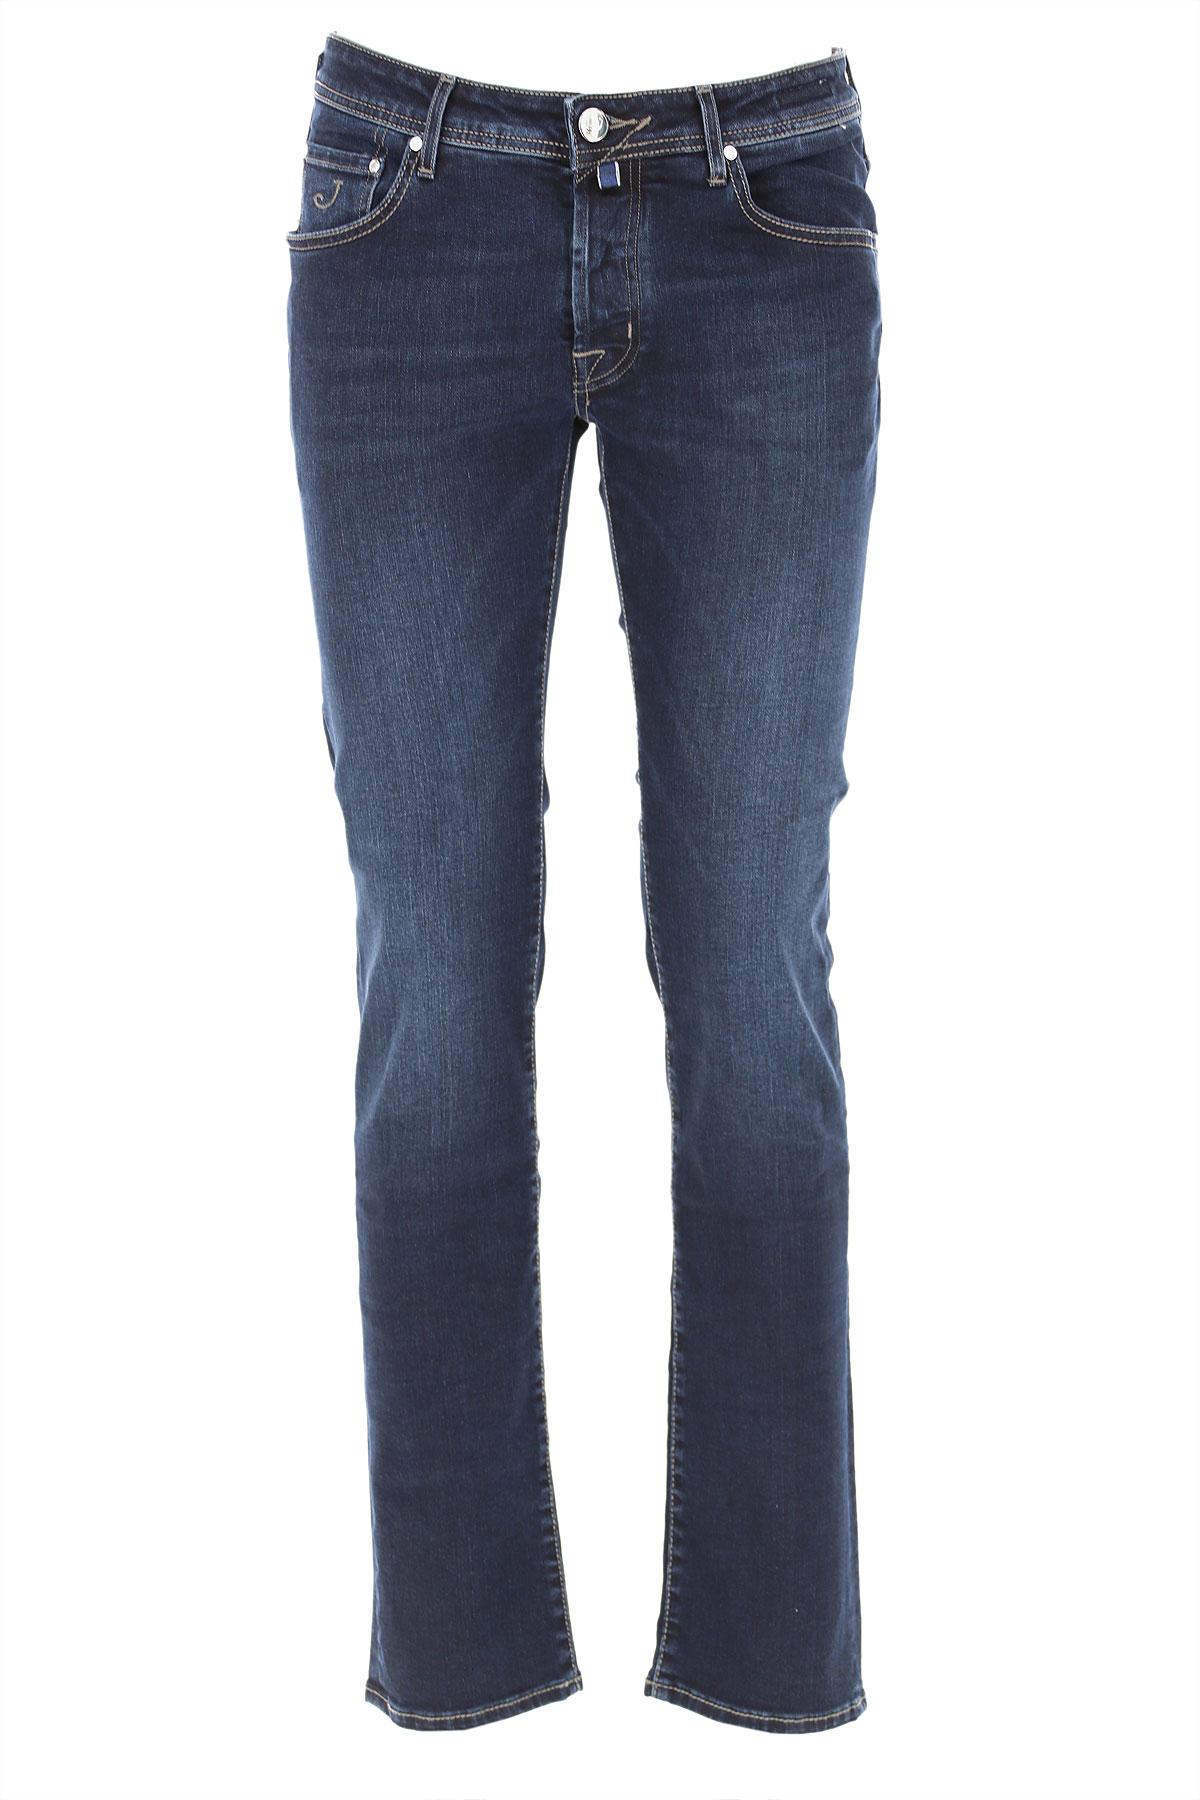 Jacob Cohen Jeans On Sale, Dark Blue, Cotton, 2019, 31 33 34 35 36 38